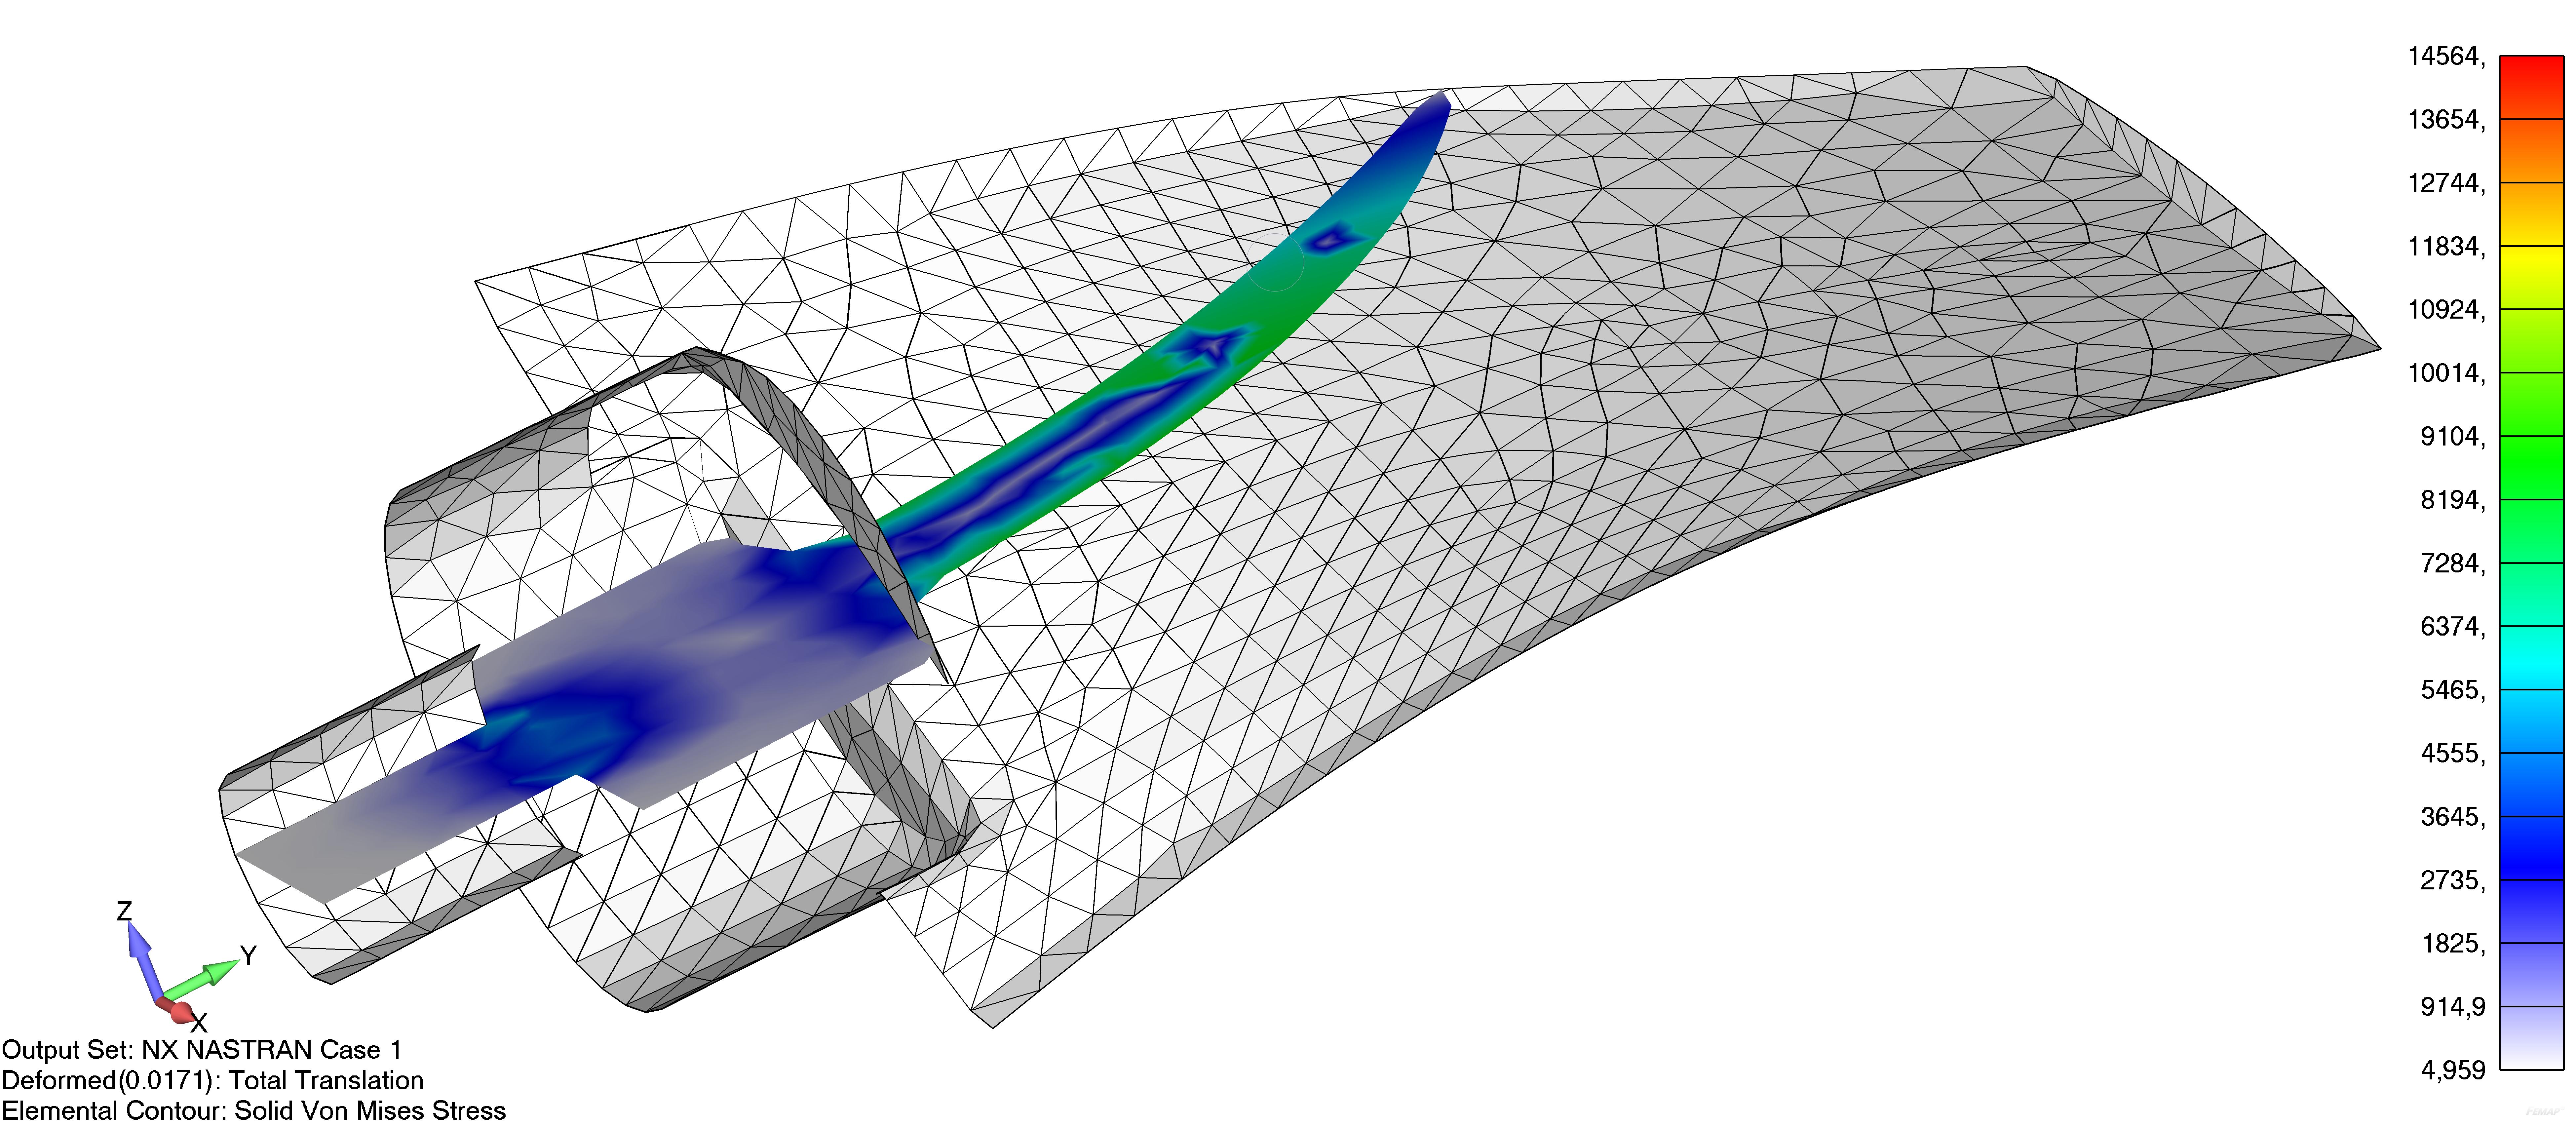 Femap NX Nastran динамическая плоскость сечения модели